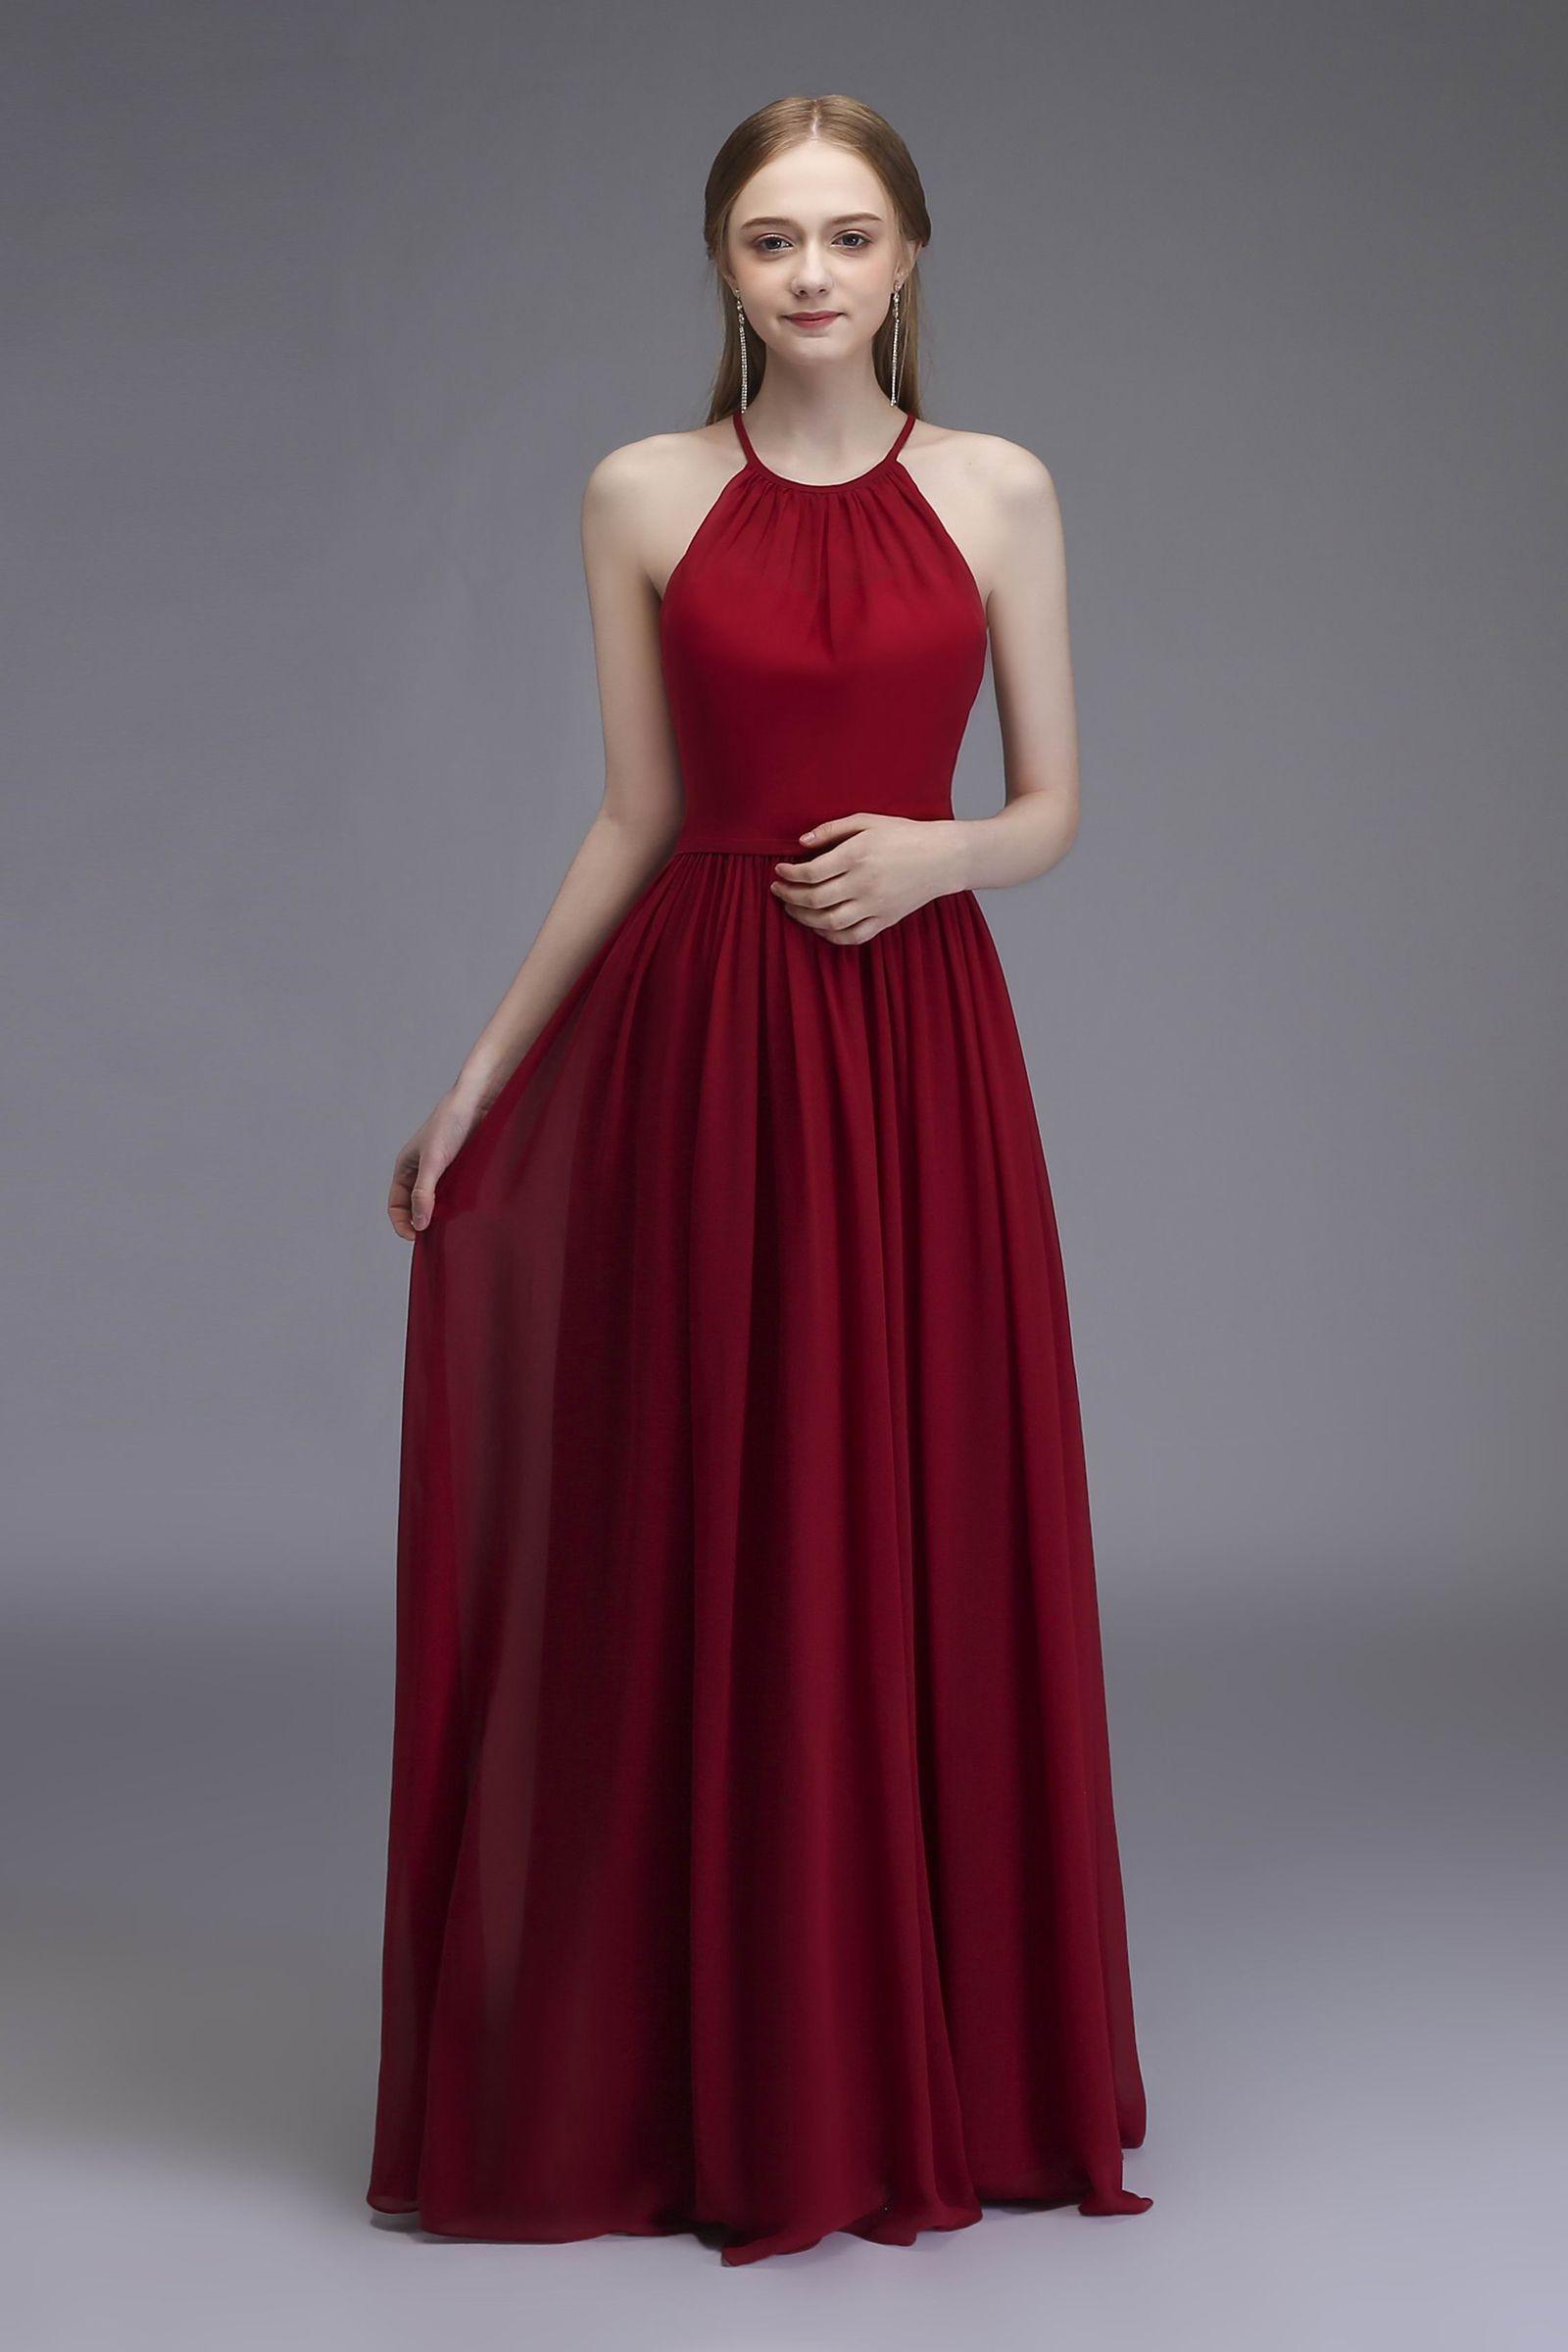 Maroon Sleeveless Party Dress